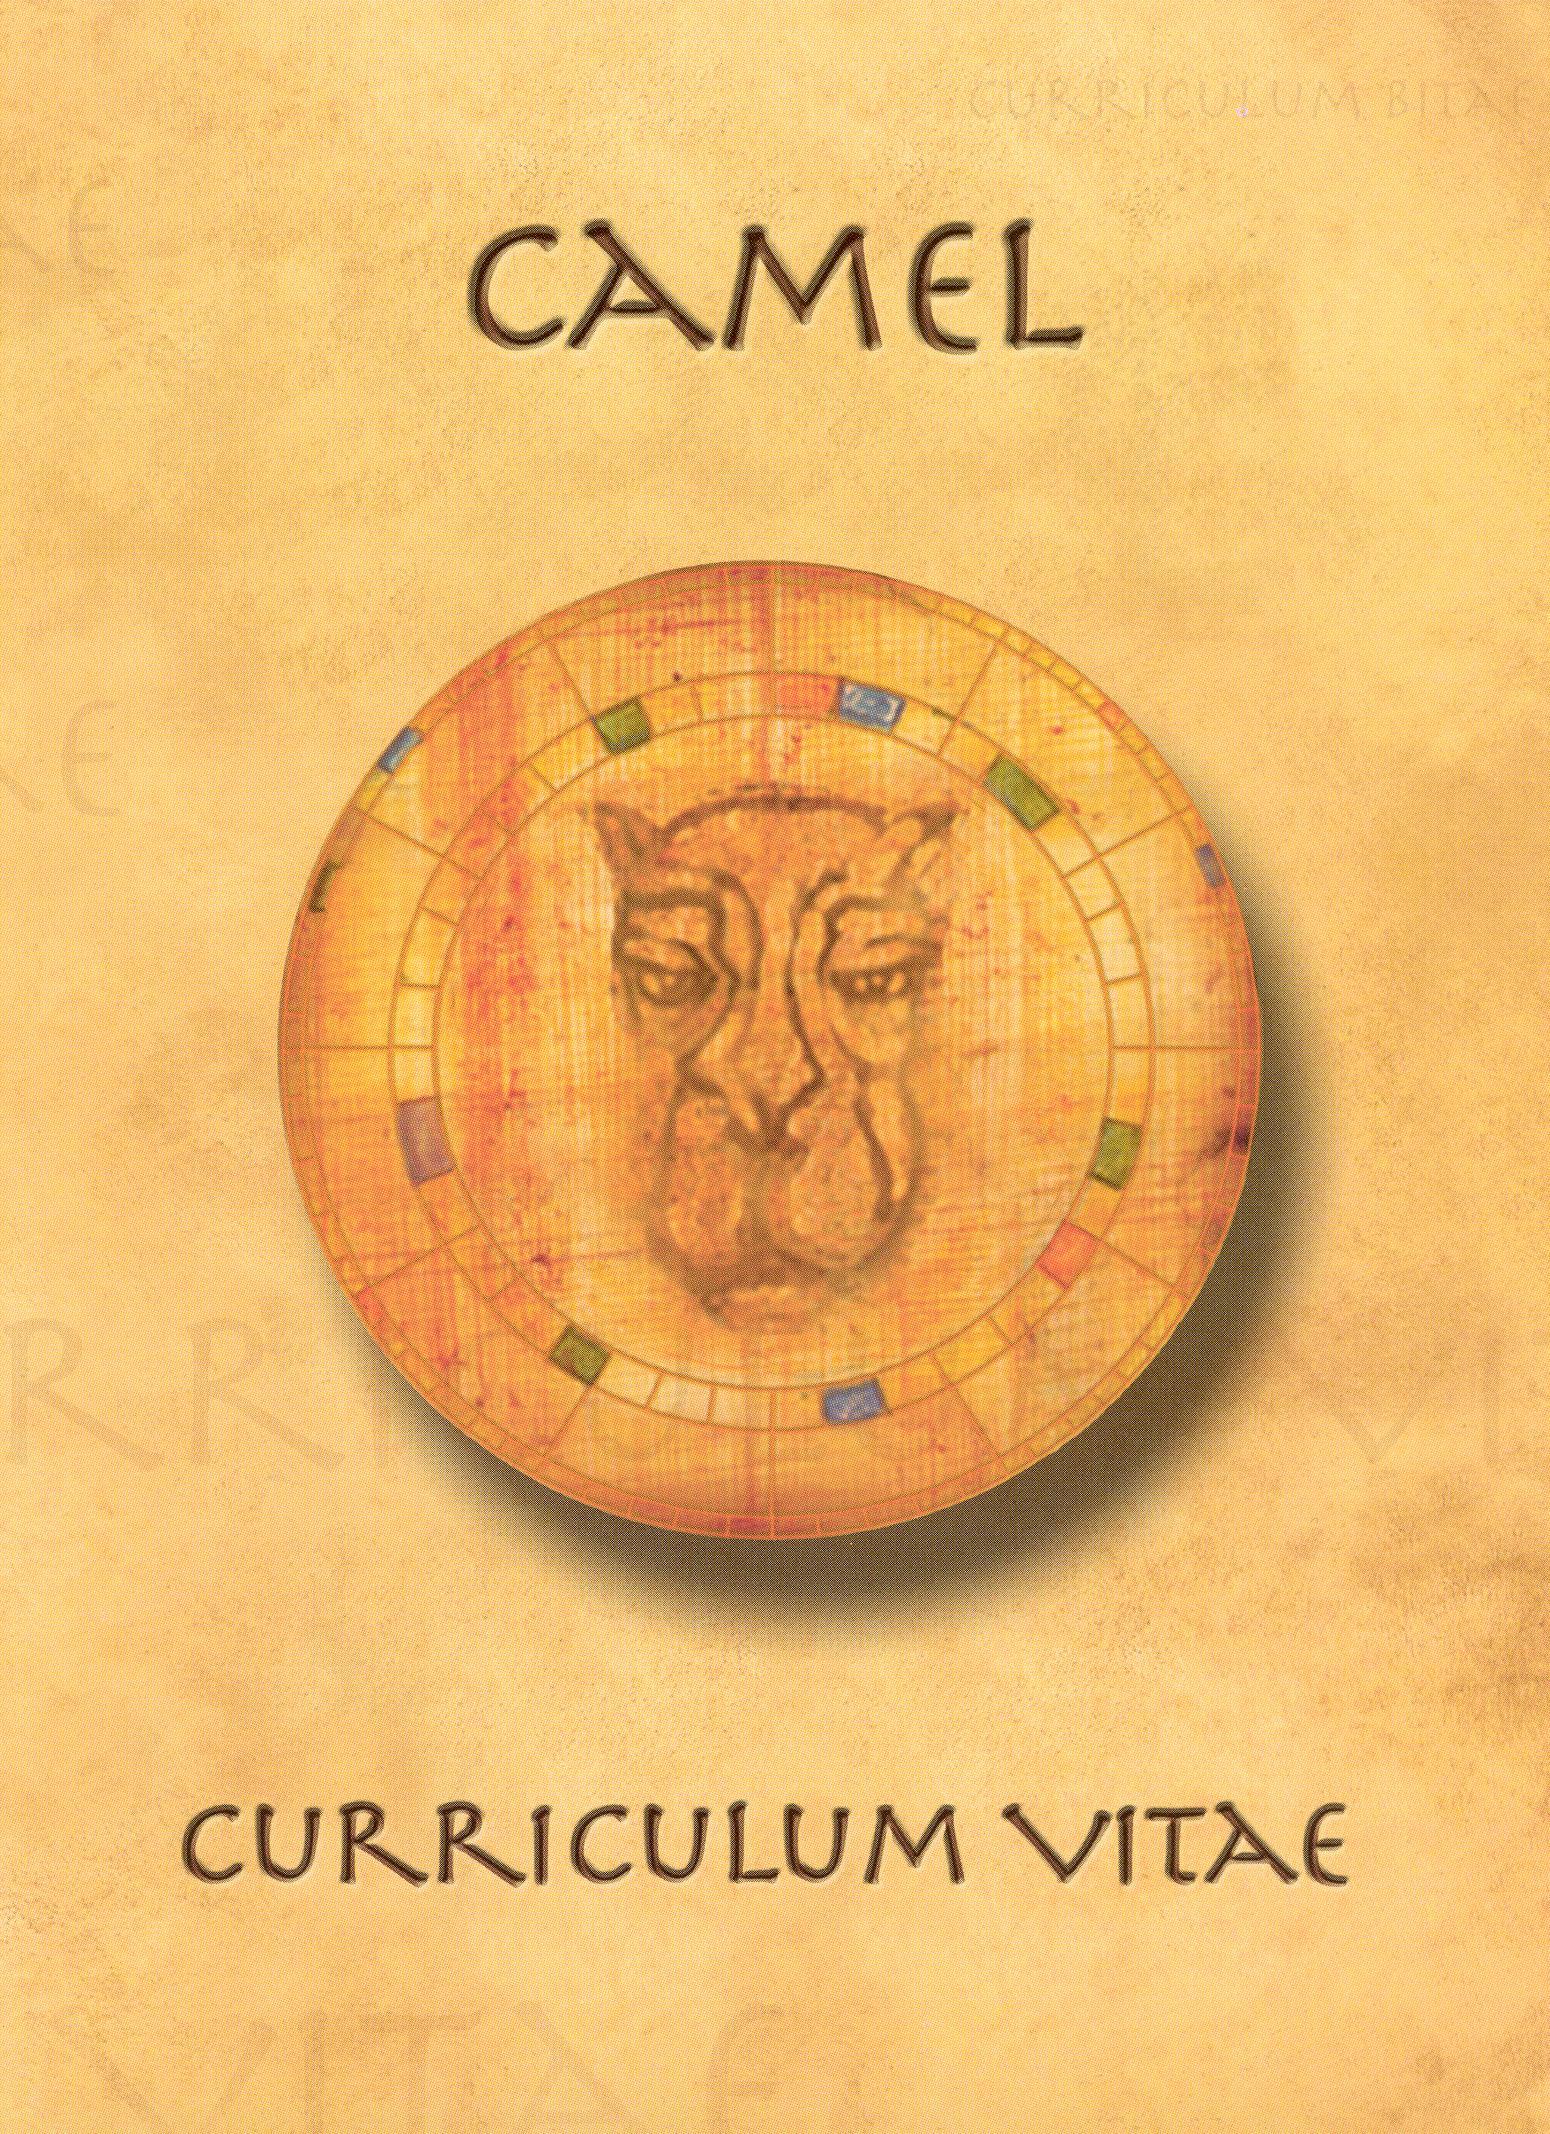 Camel: Curriculum Vitae